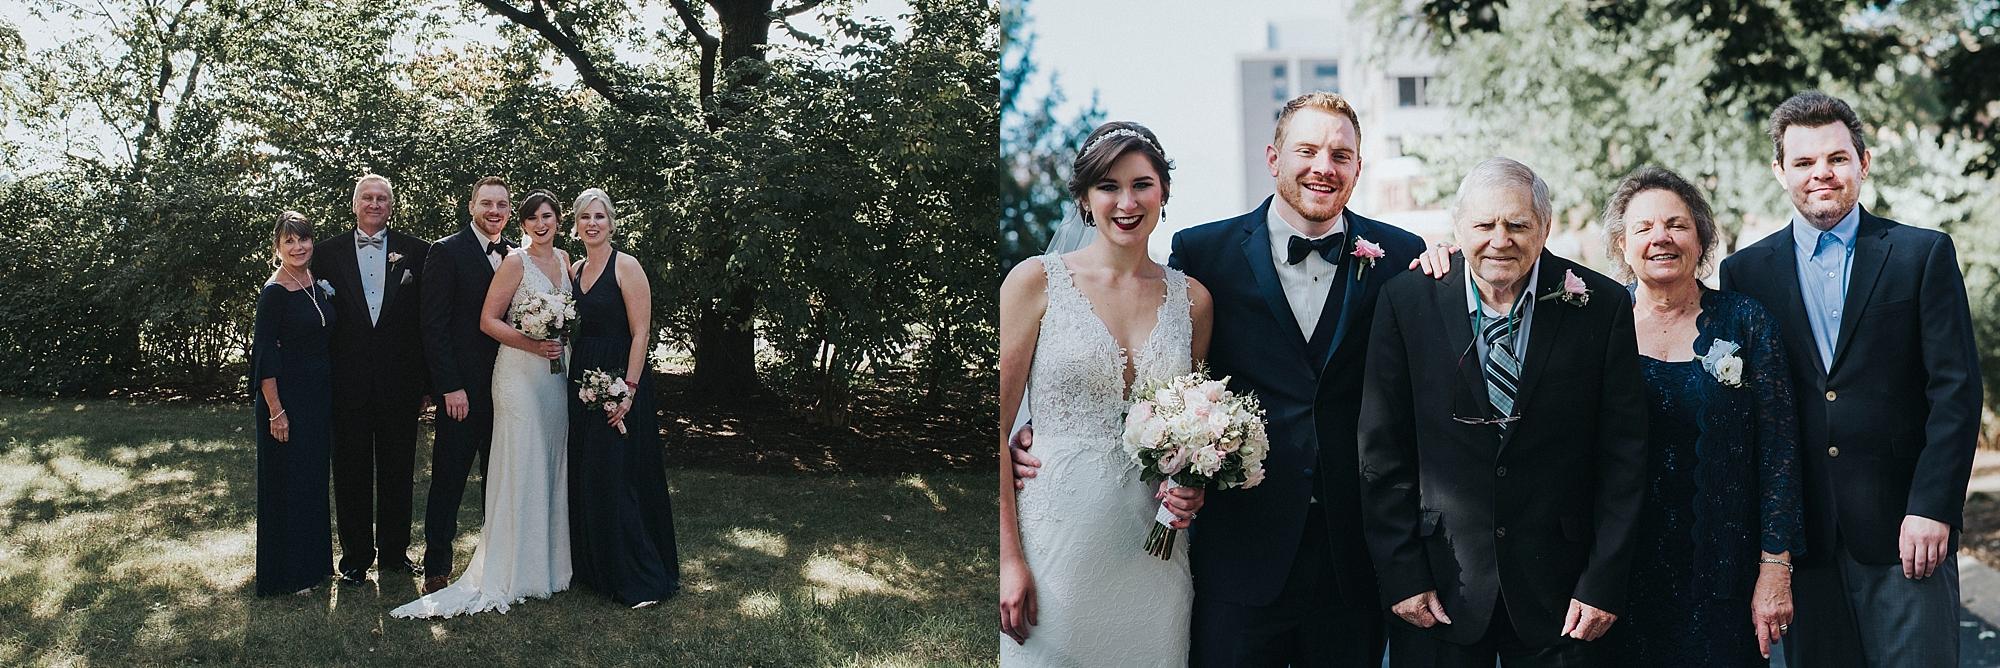 Duquesne-club-wedding-Pittsburgh_0043.jpg